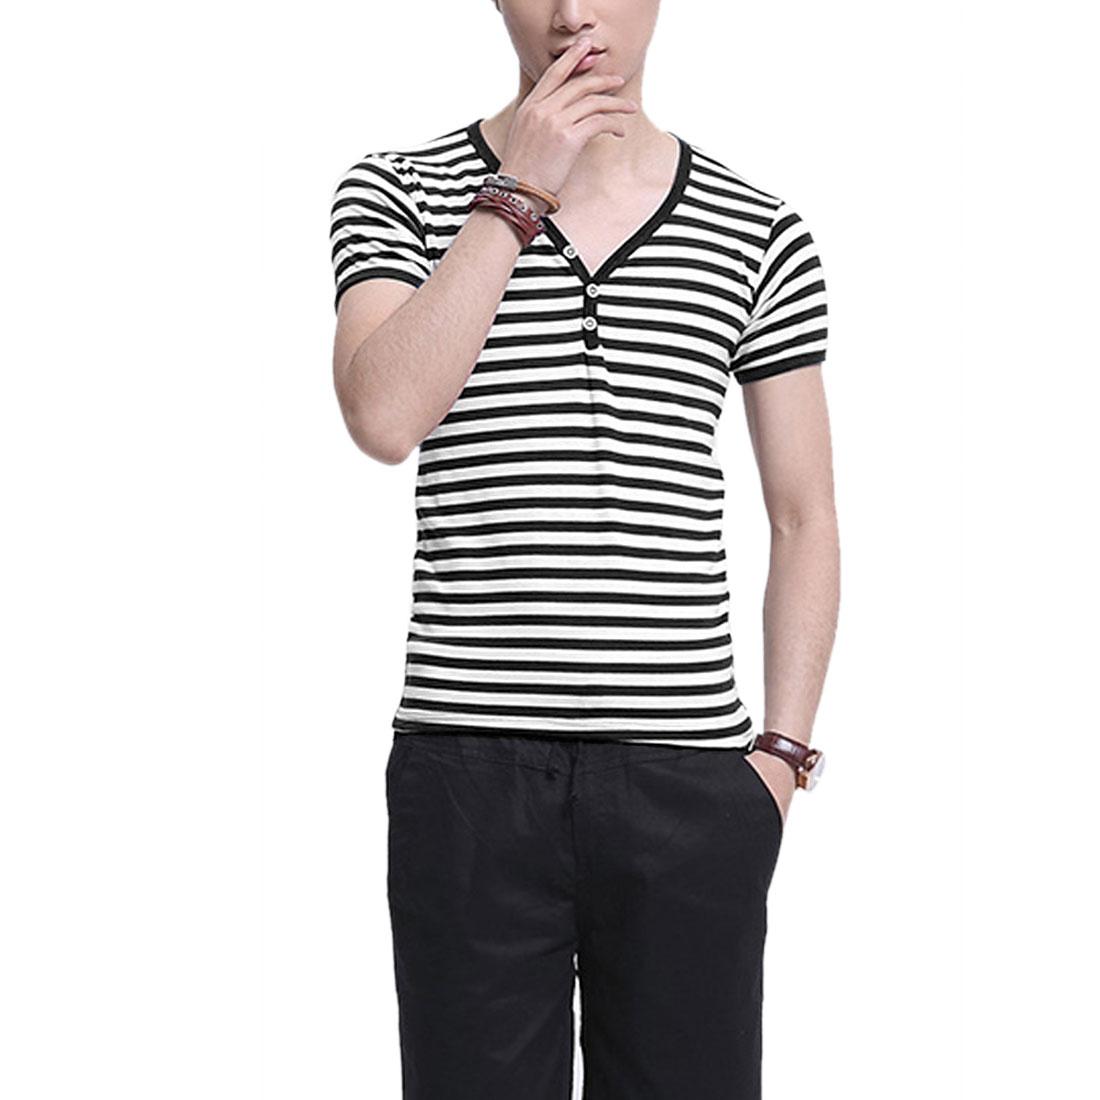 Man Buttons Decor Stripes Pattern V Neck Modern Shirts Black S